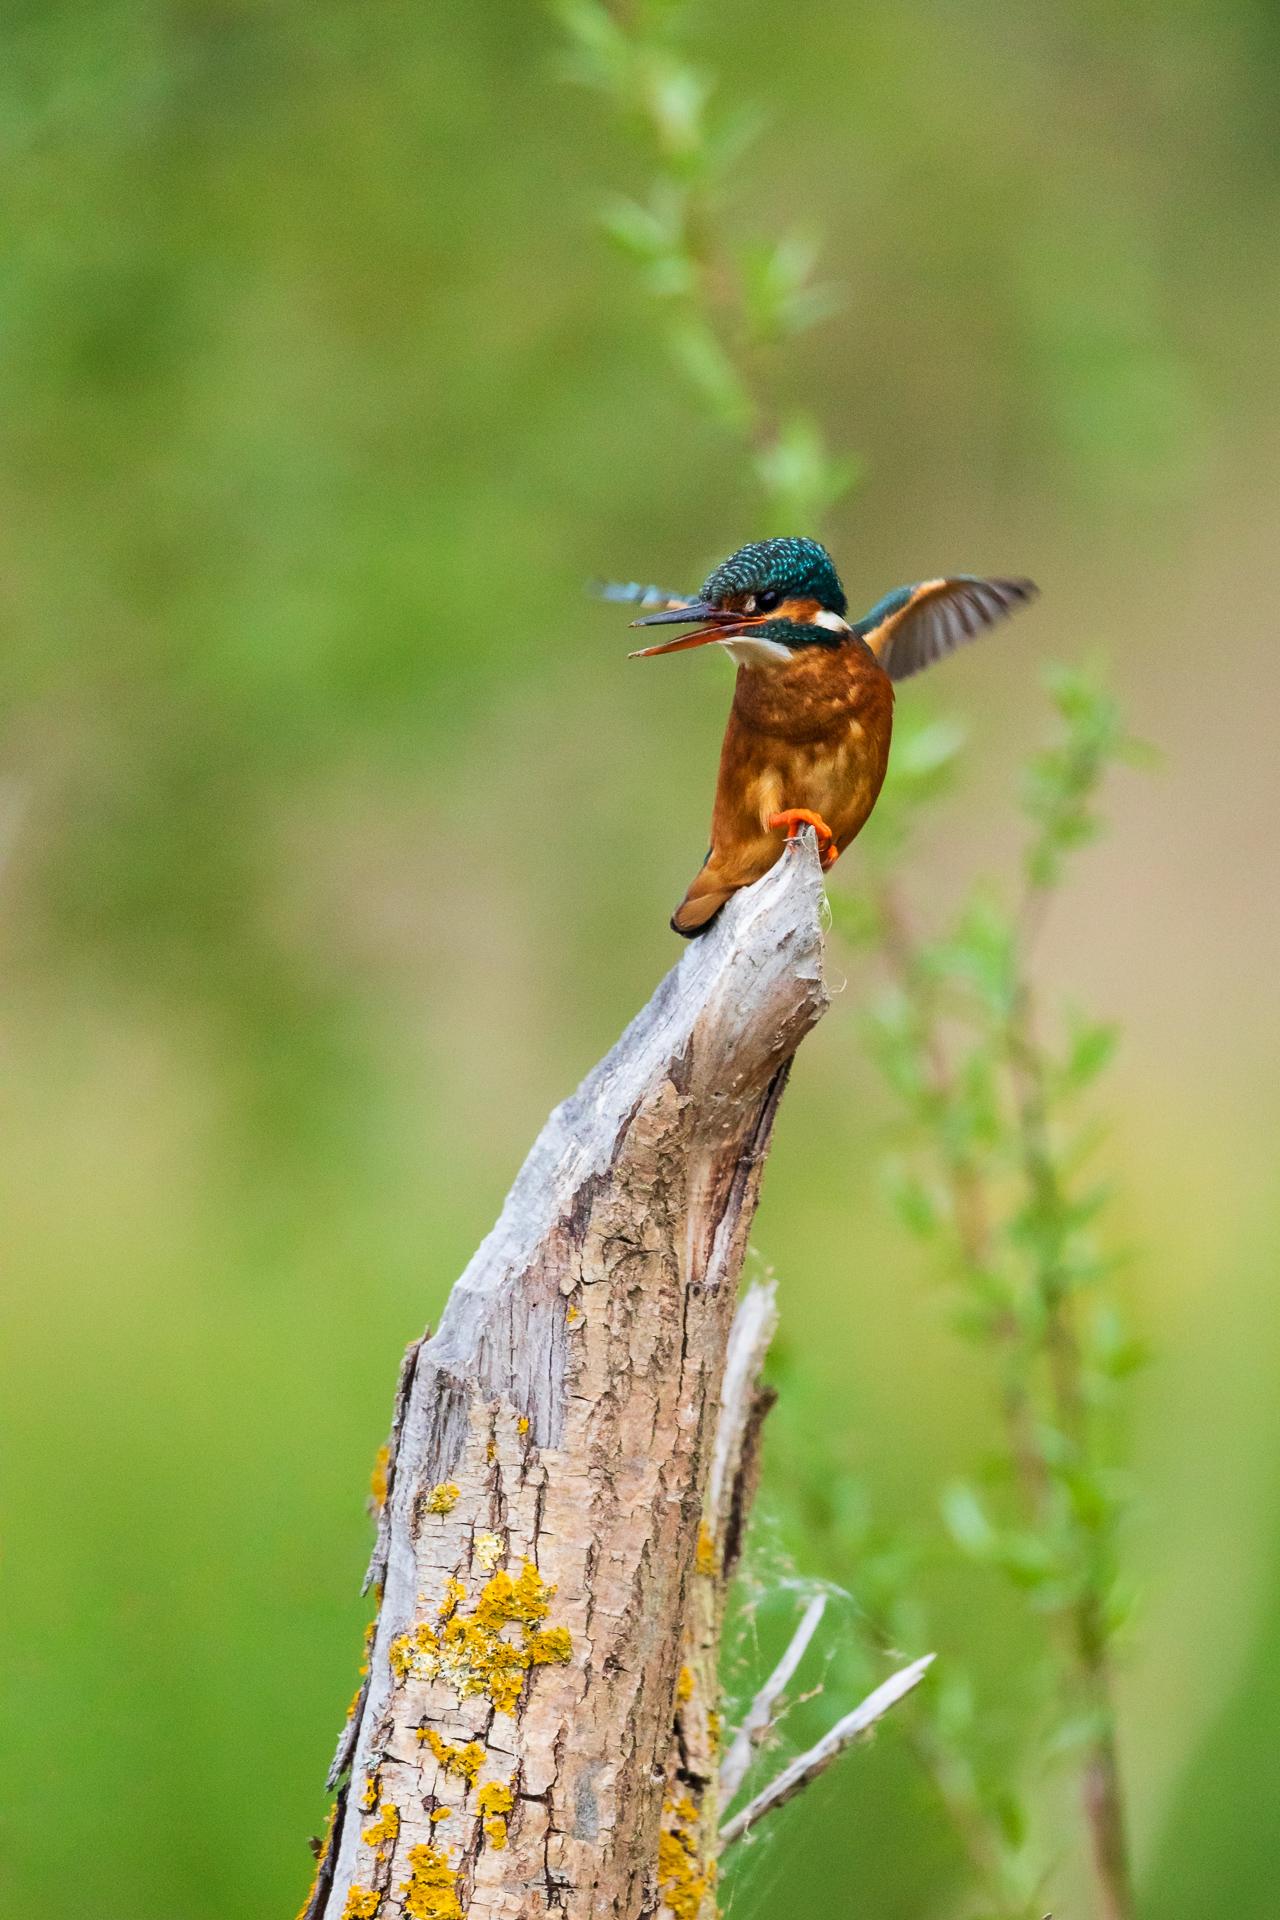 Beim weiblichen Eisvogel (Alcedo atthis) ist die Unterseite des Schnabels orange gefärbt / Foto: Andreas Sebald